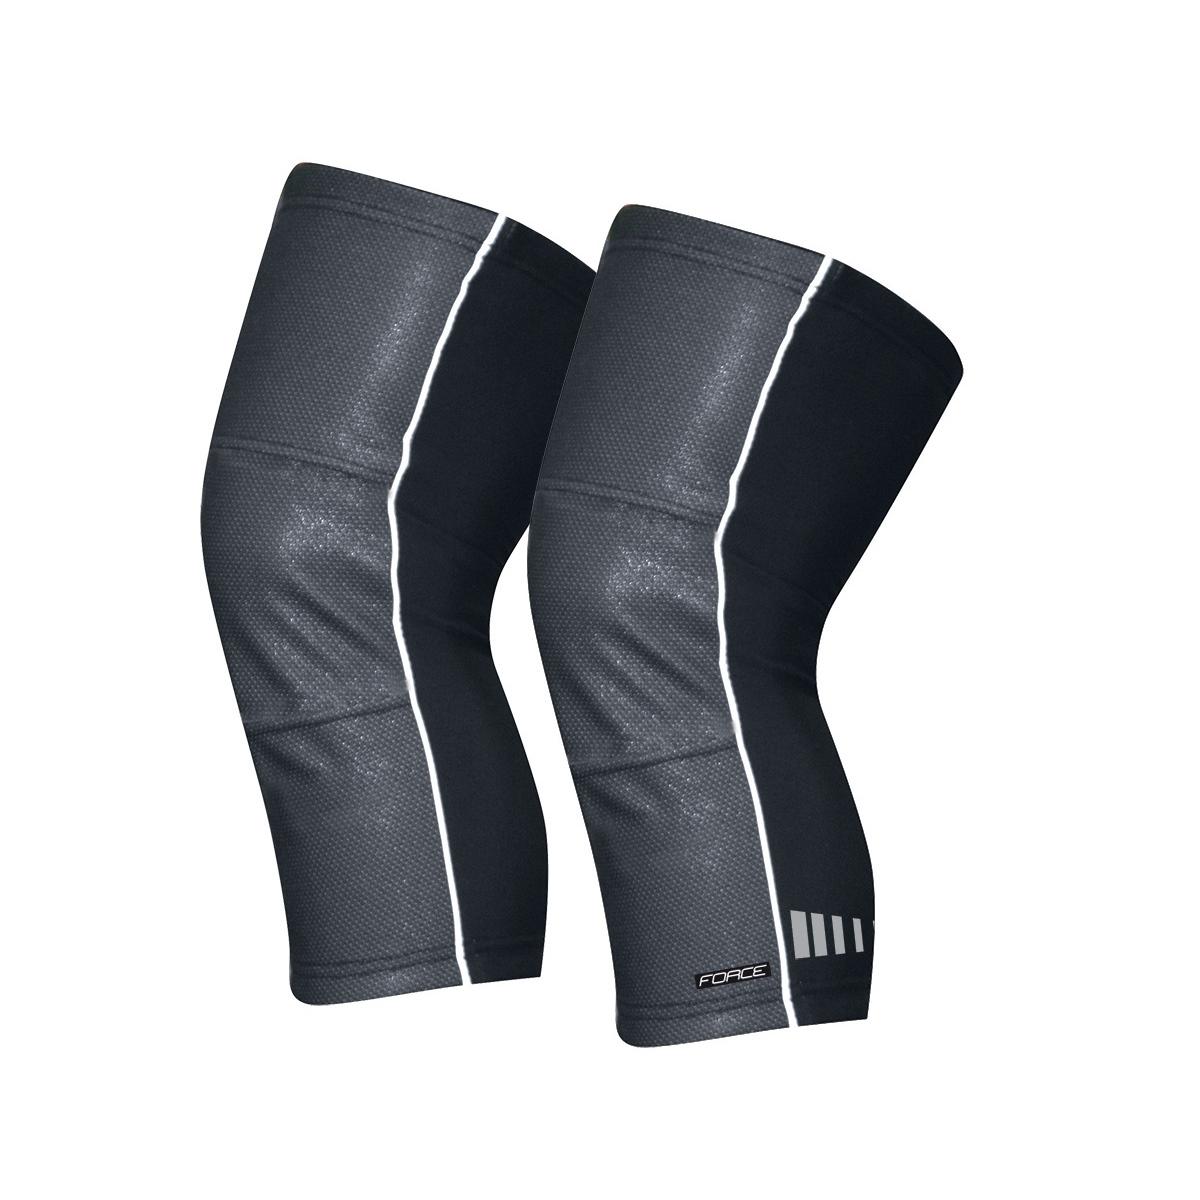 Force návleky na kolena Wind-X černé S